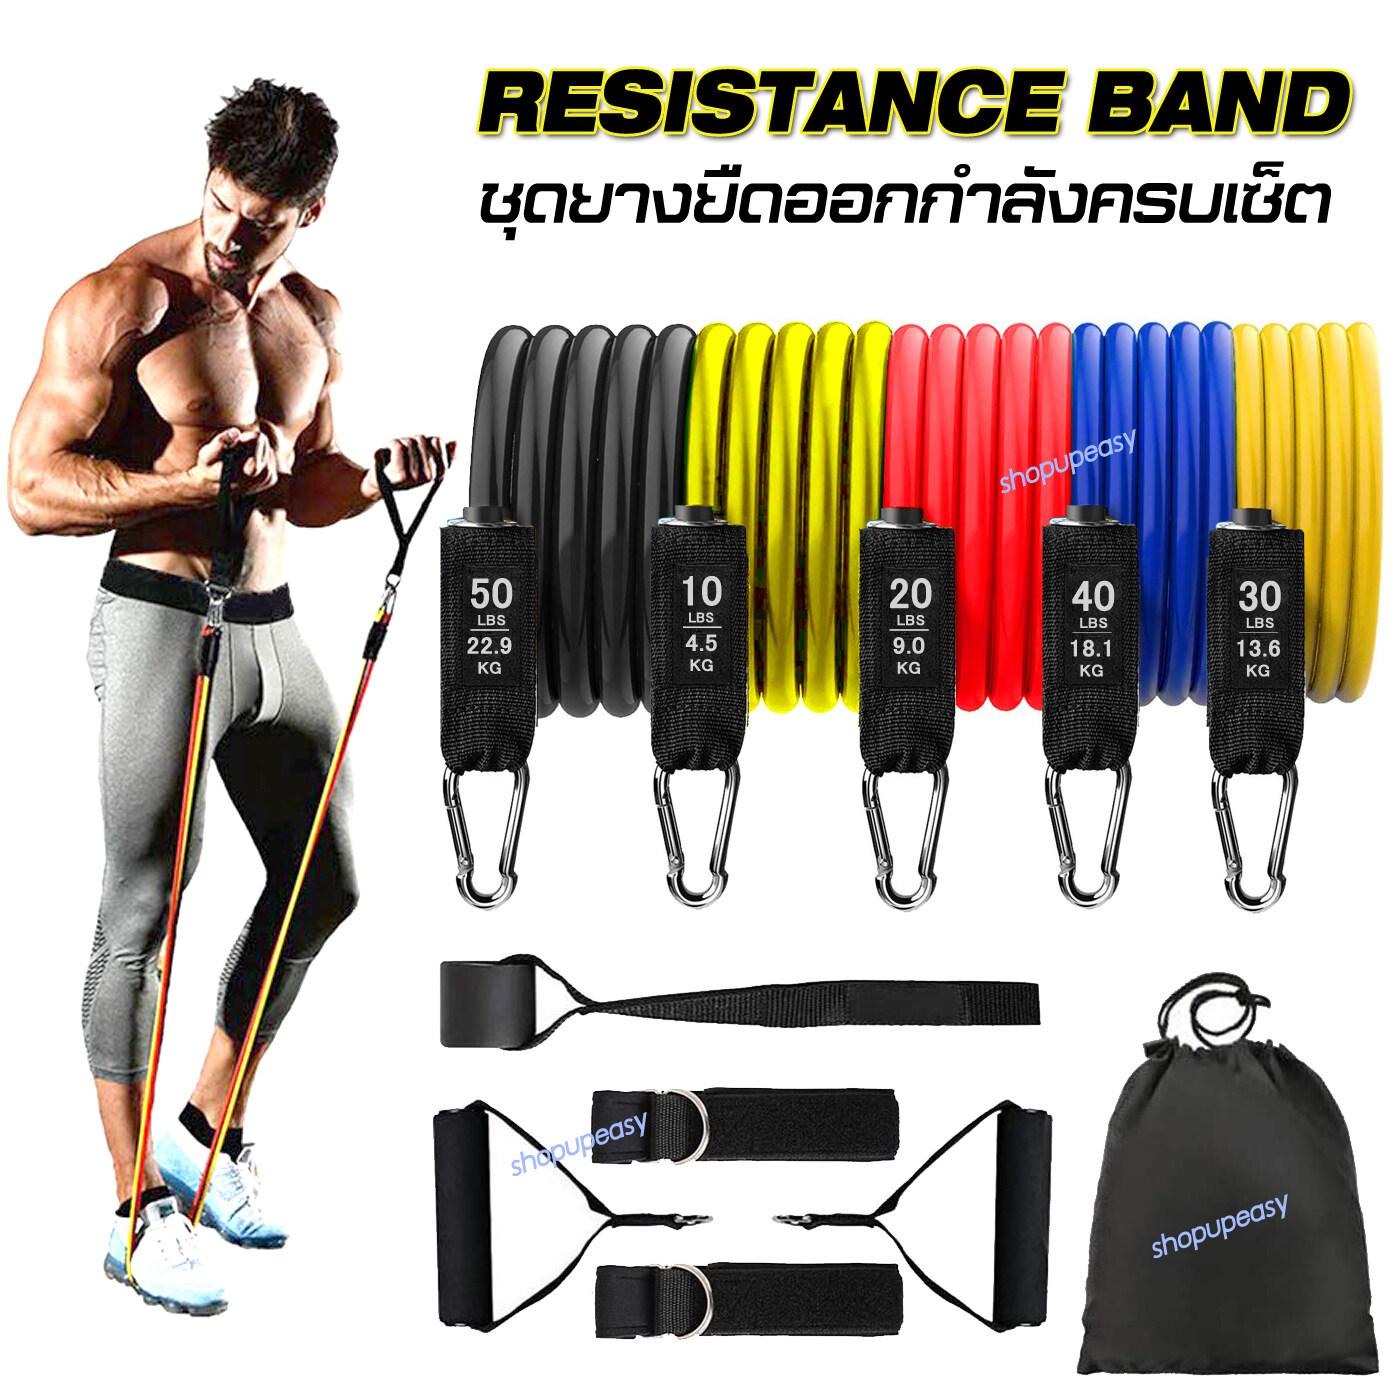 ยางยืดออกกำลัง 5เส้น 150ปอนด์ ไม่ต้องเจาะยึด สายแรงต้าน ยางยืด Resistance Band Work Out สายยางออกกำลัง สายยางยืด TRX Rip60 ยางยืดออกกำลังกาย